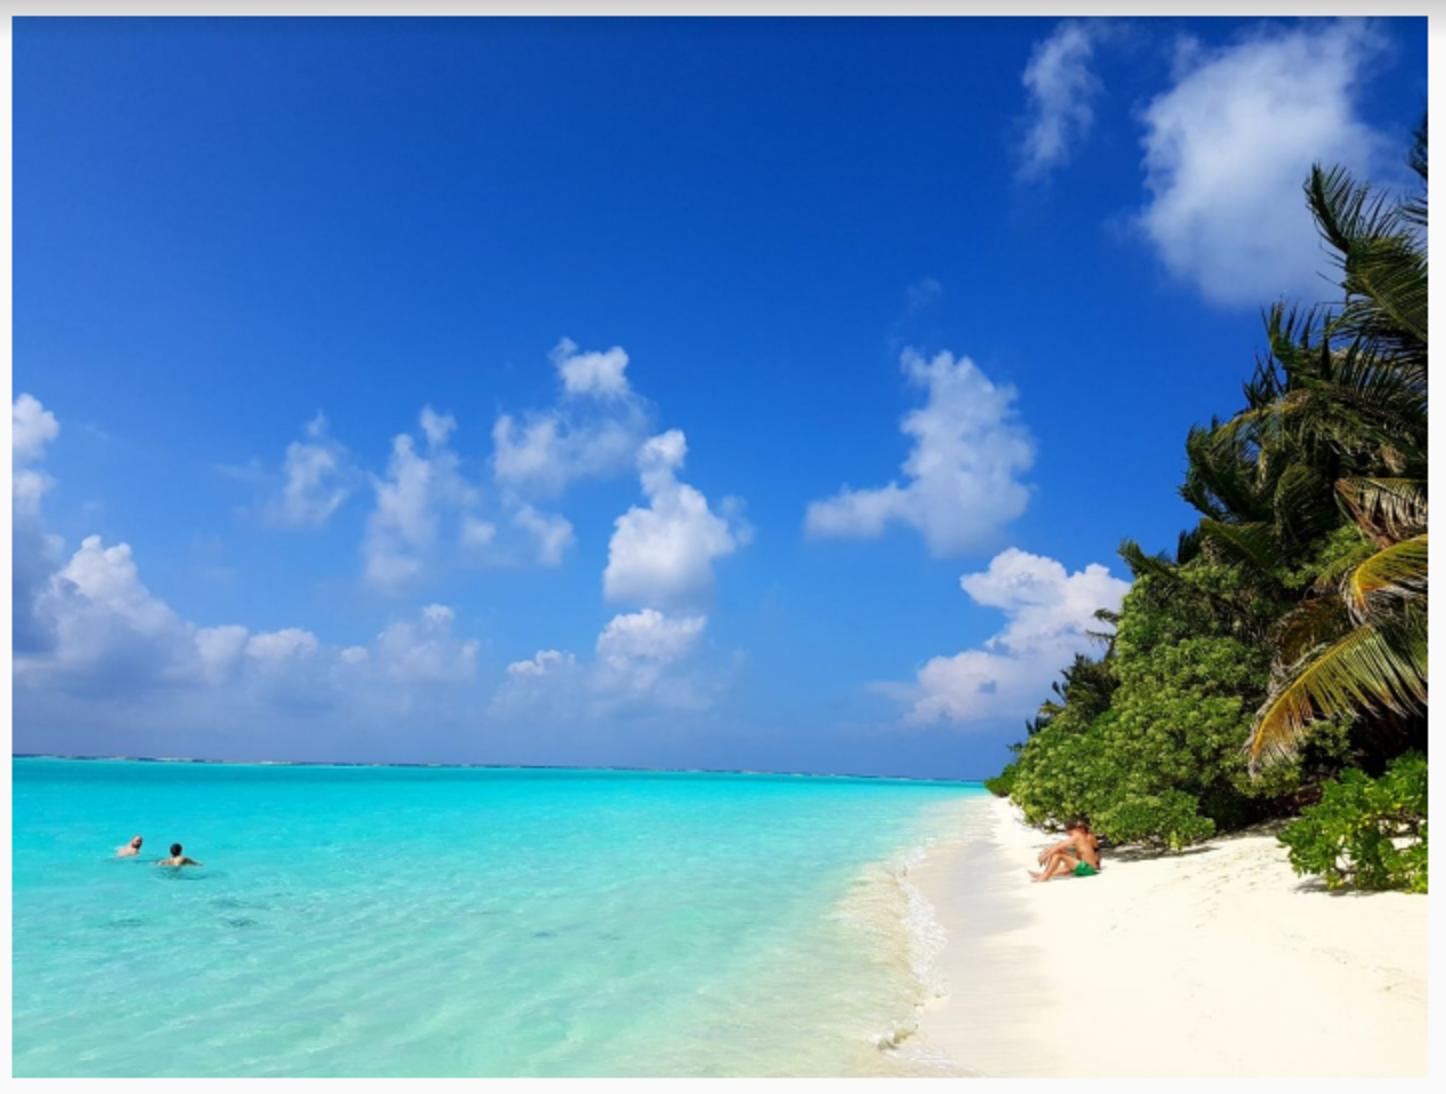 Жизнь и работа на Мальдивах